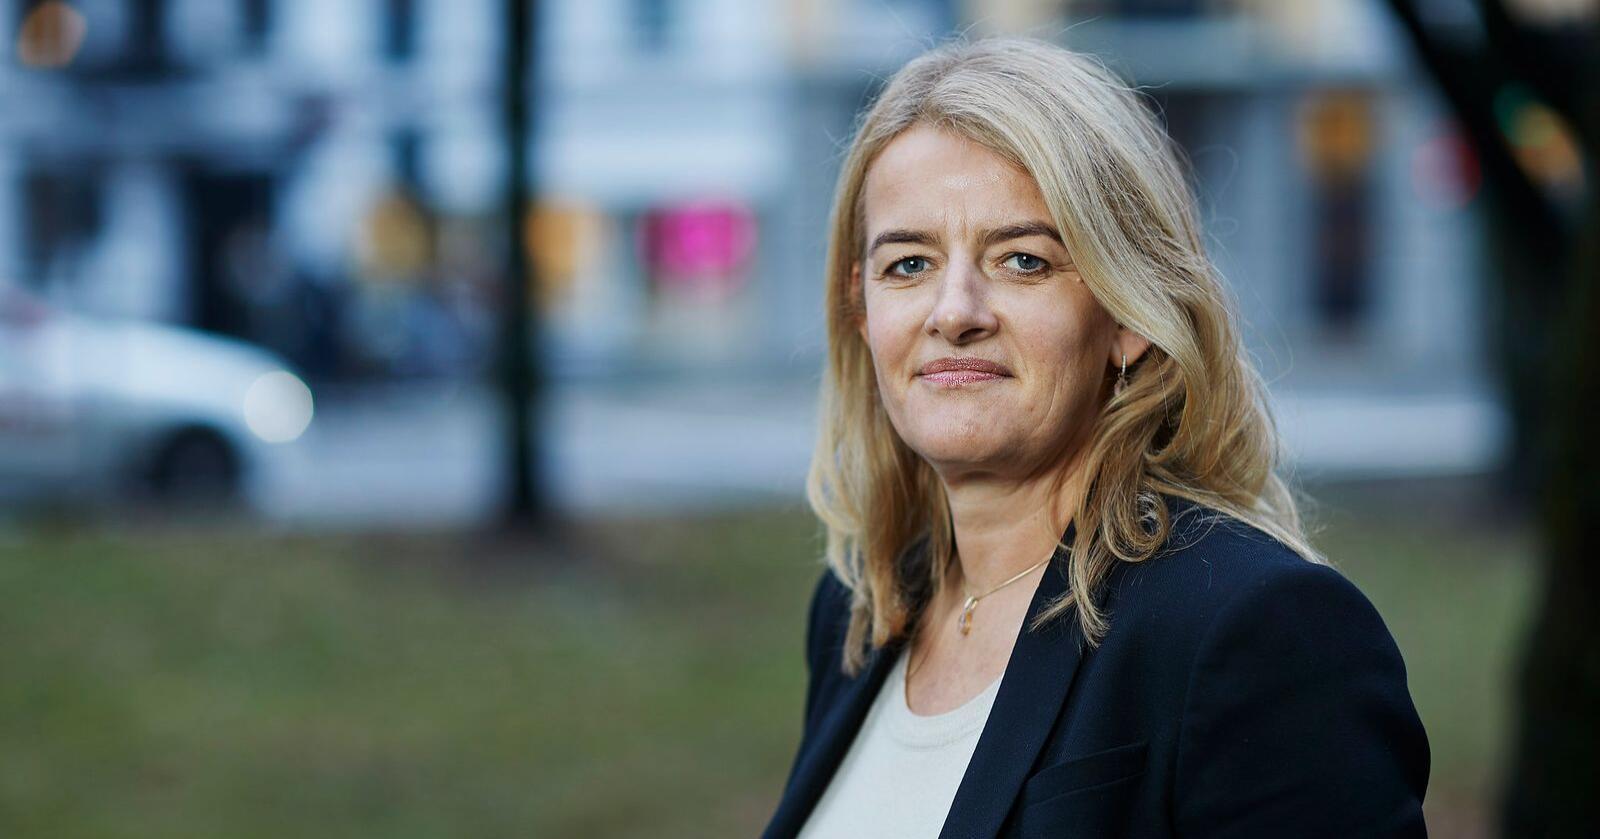 Undersøkelsene vi sender ut vil være anonymisert, forklarer adm. dir. i Mattilsynet, Ingunn Midttun Godal. (Foto: www.gudim.no)